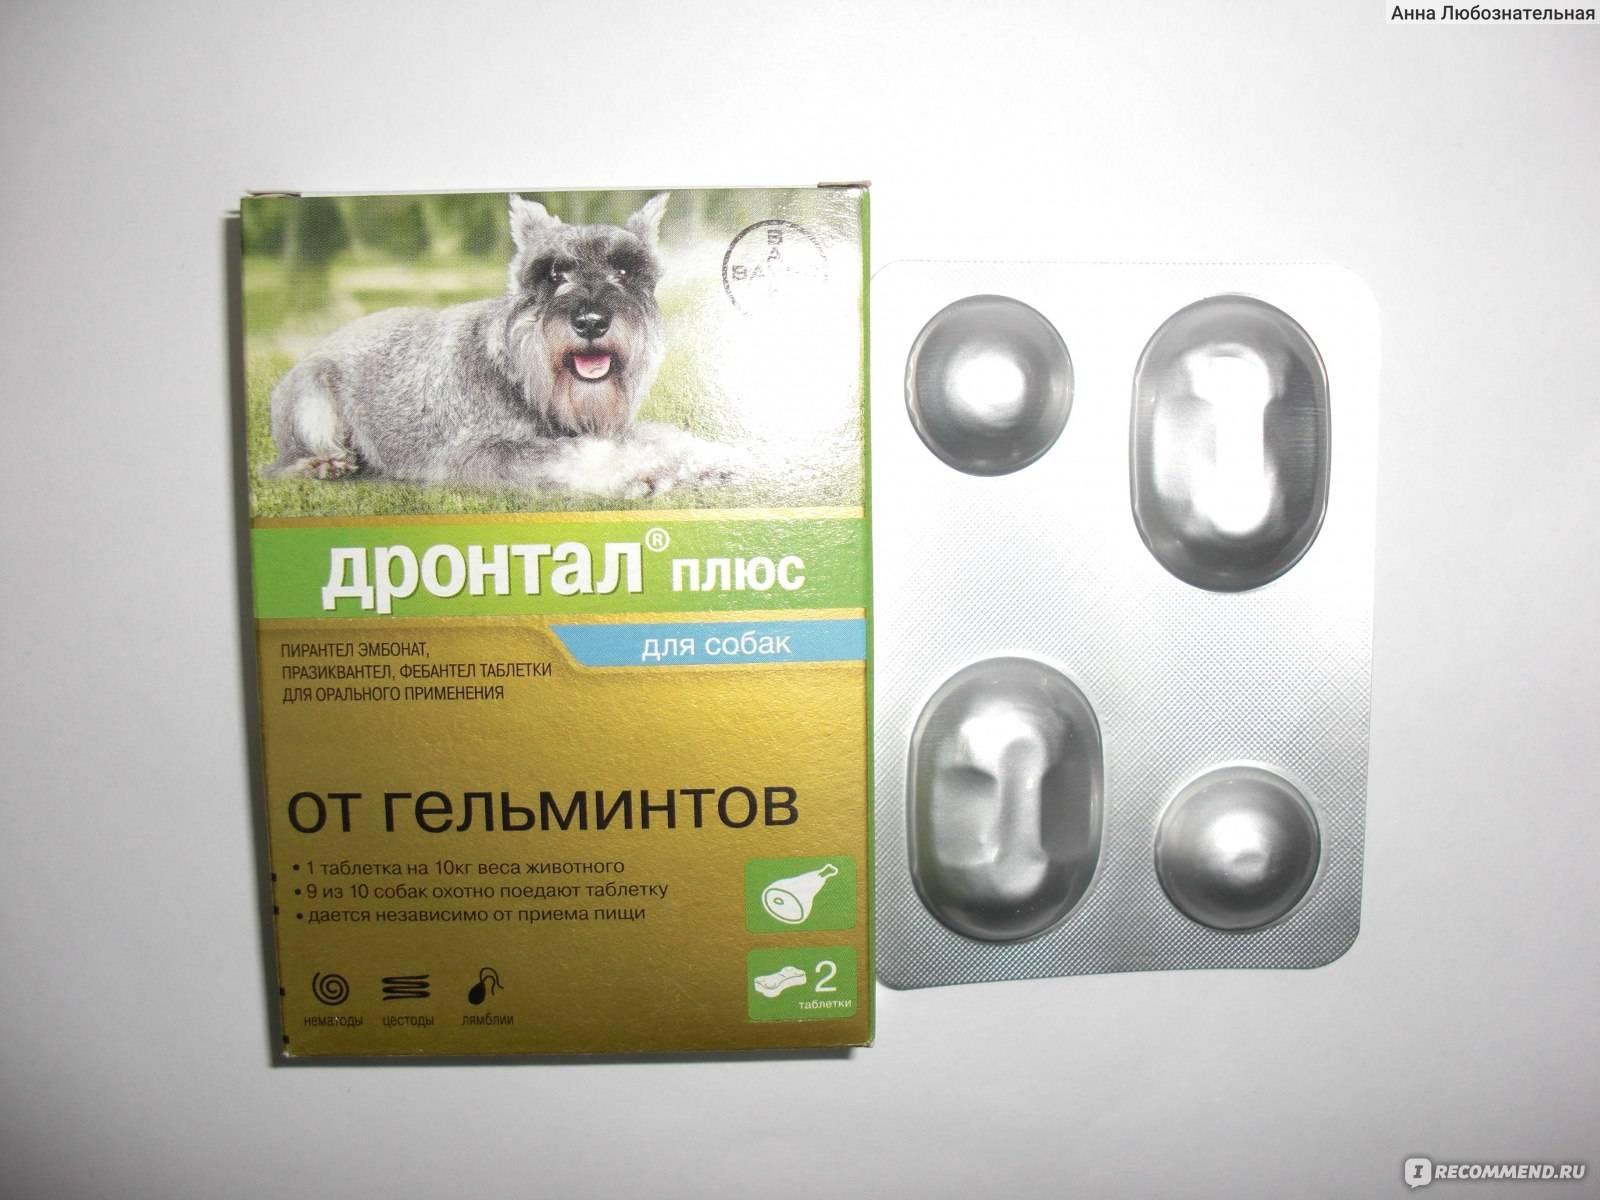 Дронтал для кошек - инструкция по применению, дозировка, побочные эффекты, аналоги, цена